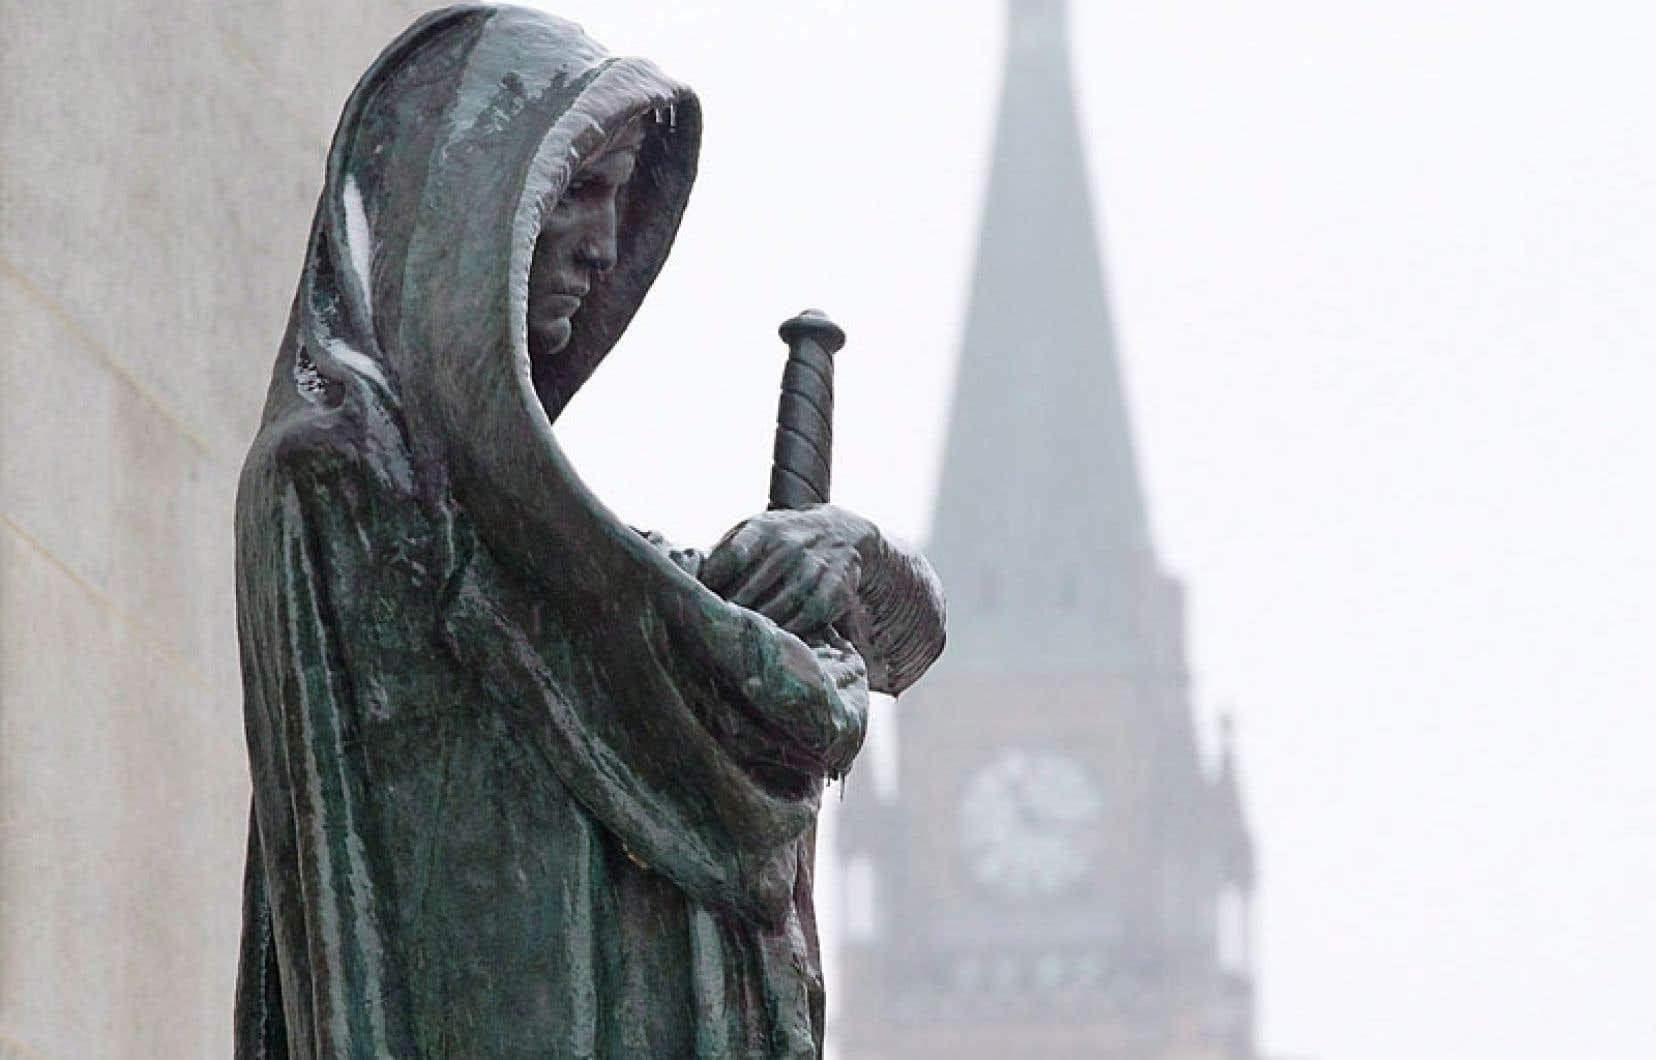 La Vérité garde l'entrée de la Cour suprême du Canada, à Ottawa. Tout contact entre le pouvoir politique et le pouvoir judiciaire, aussi minime soit-il, reste formellement interdit en droit constitutionnel canadien. Or, le travail de Frédéric Bastien démontre que cette règle n'a pas été respectée dans les mois qui ont précédé le rapatriement de la Constitution.